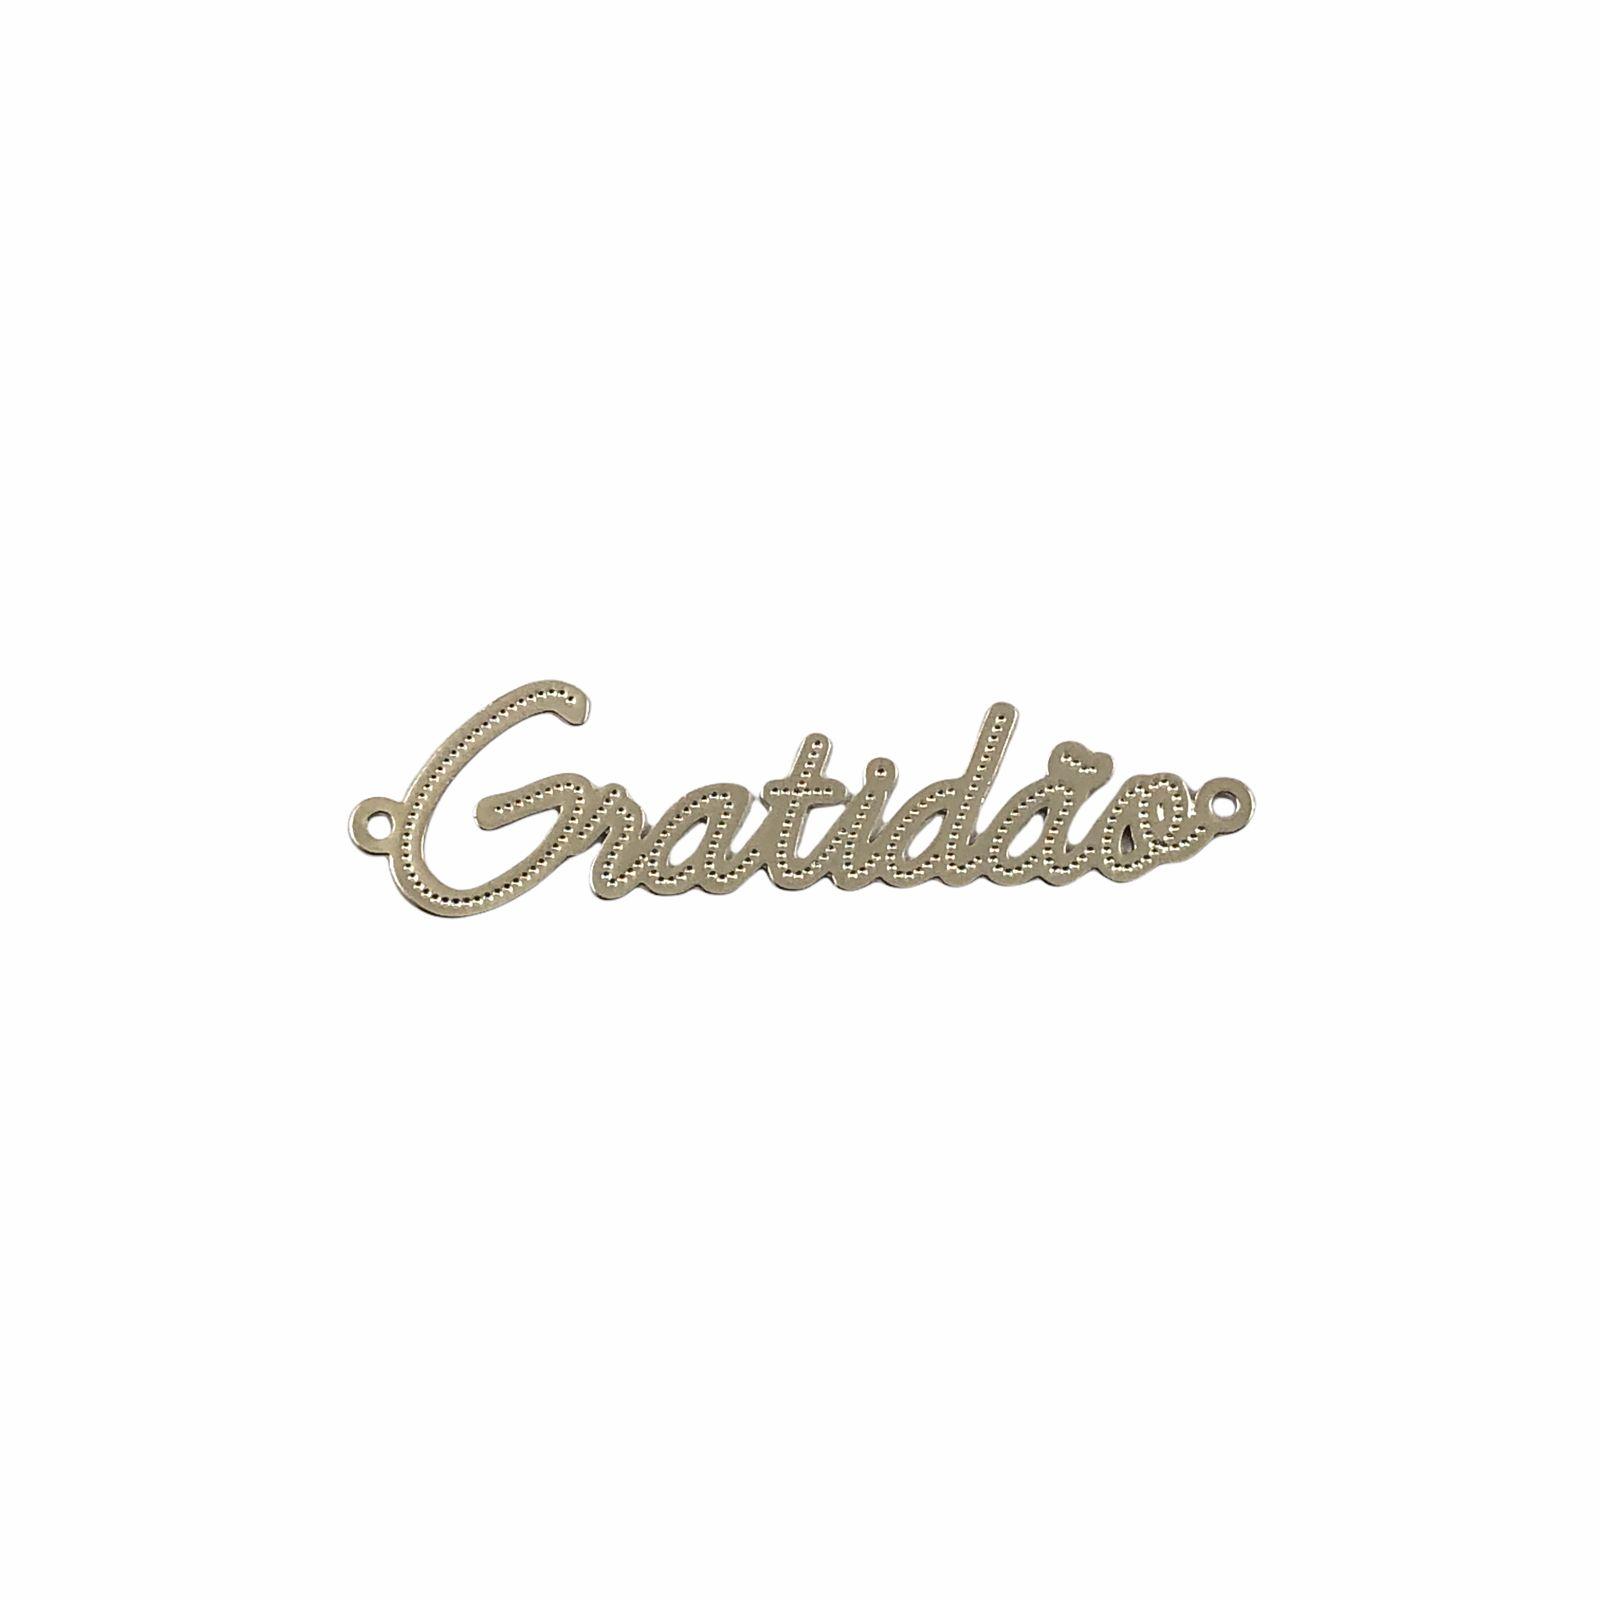 ETM576 - Entremeio Gratidão Banhado Cor Prata - 1Unid